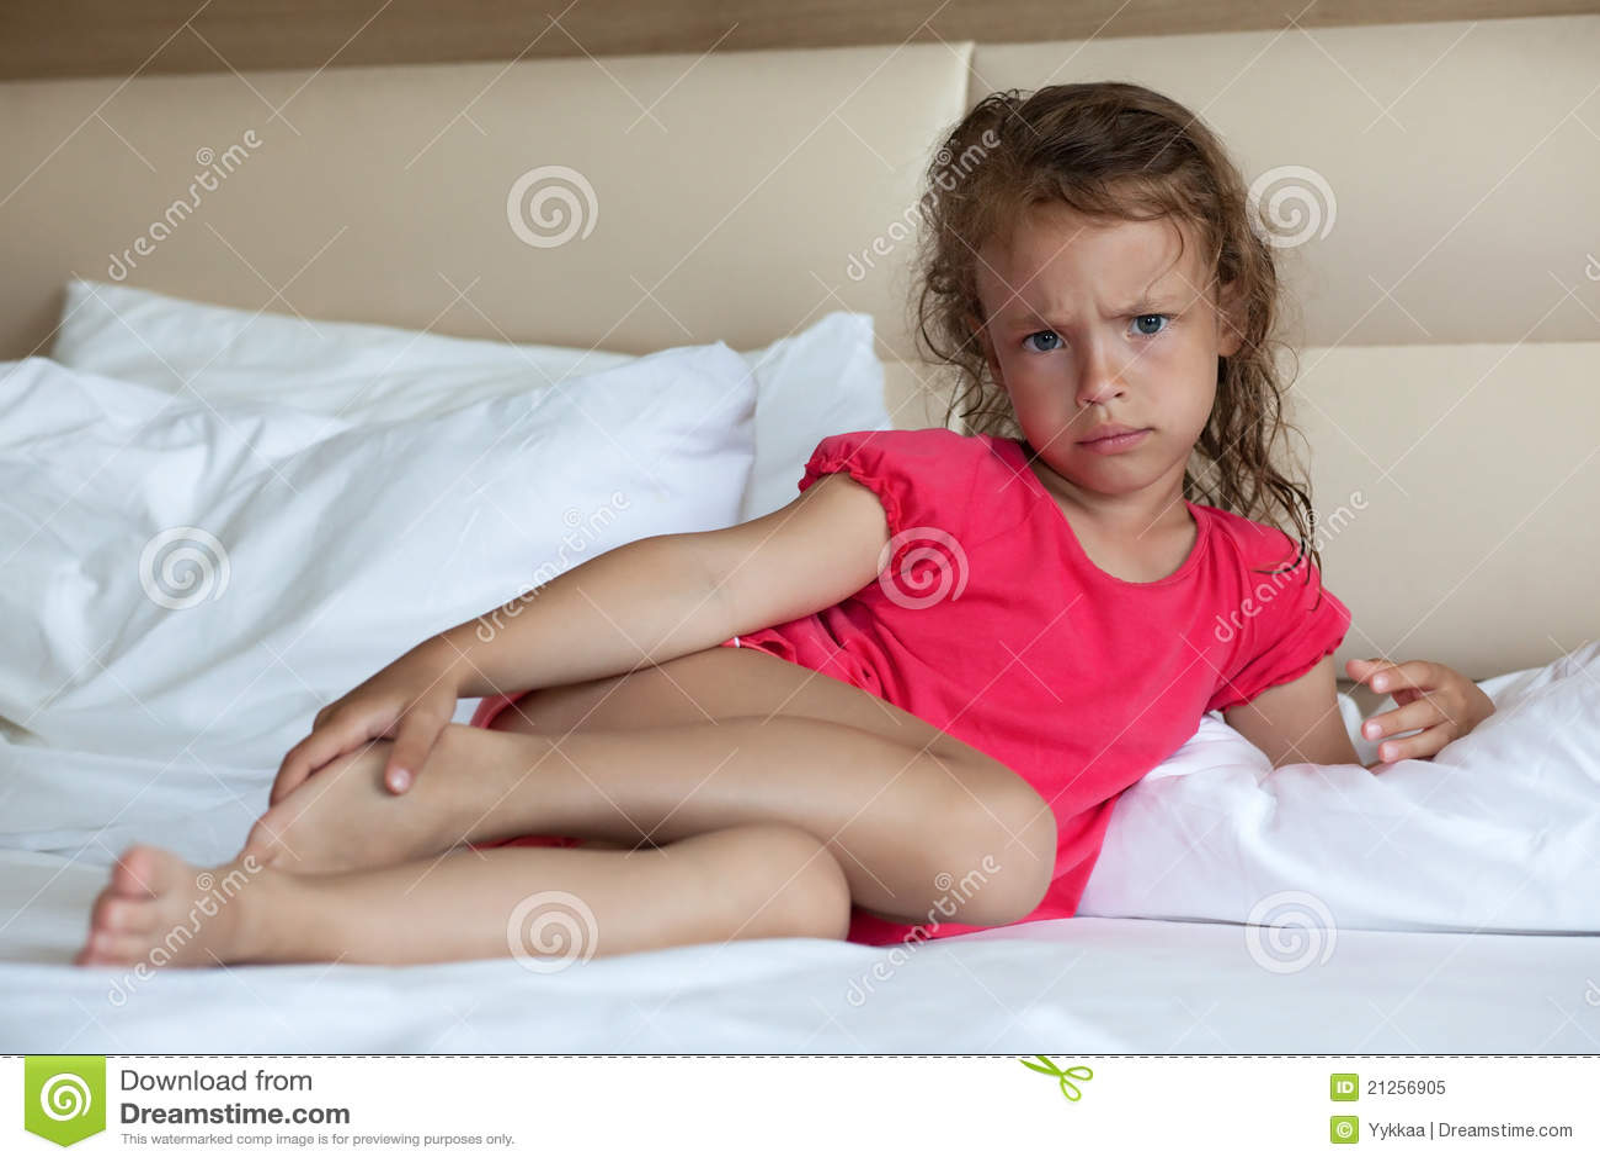 Порнуха на девочка 6 фотография